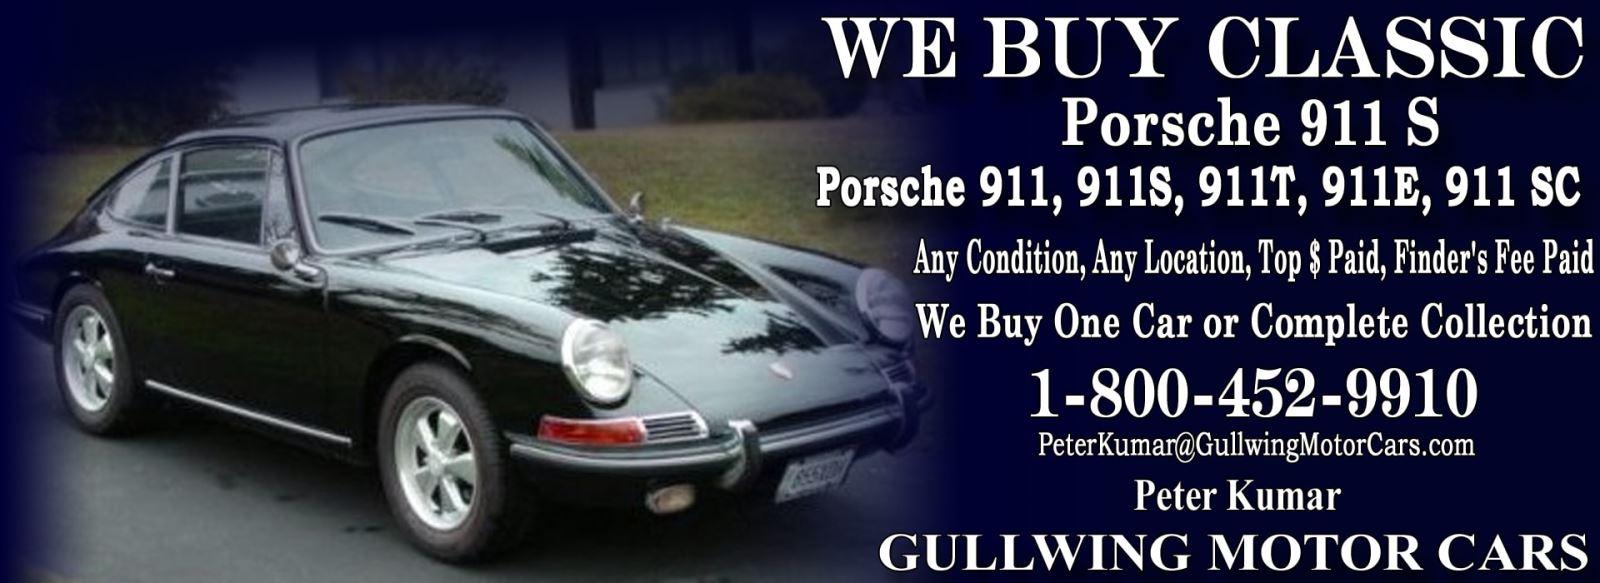 Classic Porsche 911S for sale, we buy vintage Porsche 911S. Call Peter Kumar. Gullwing Motor